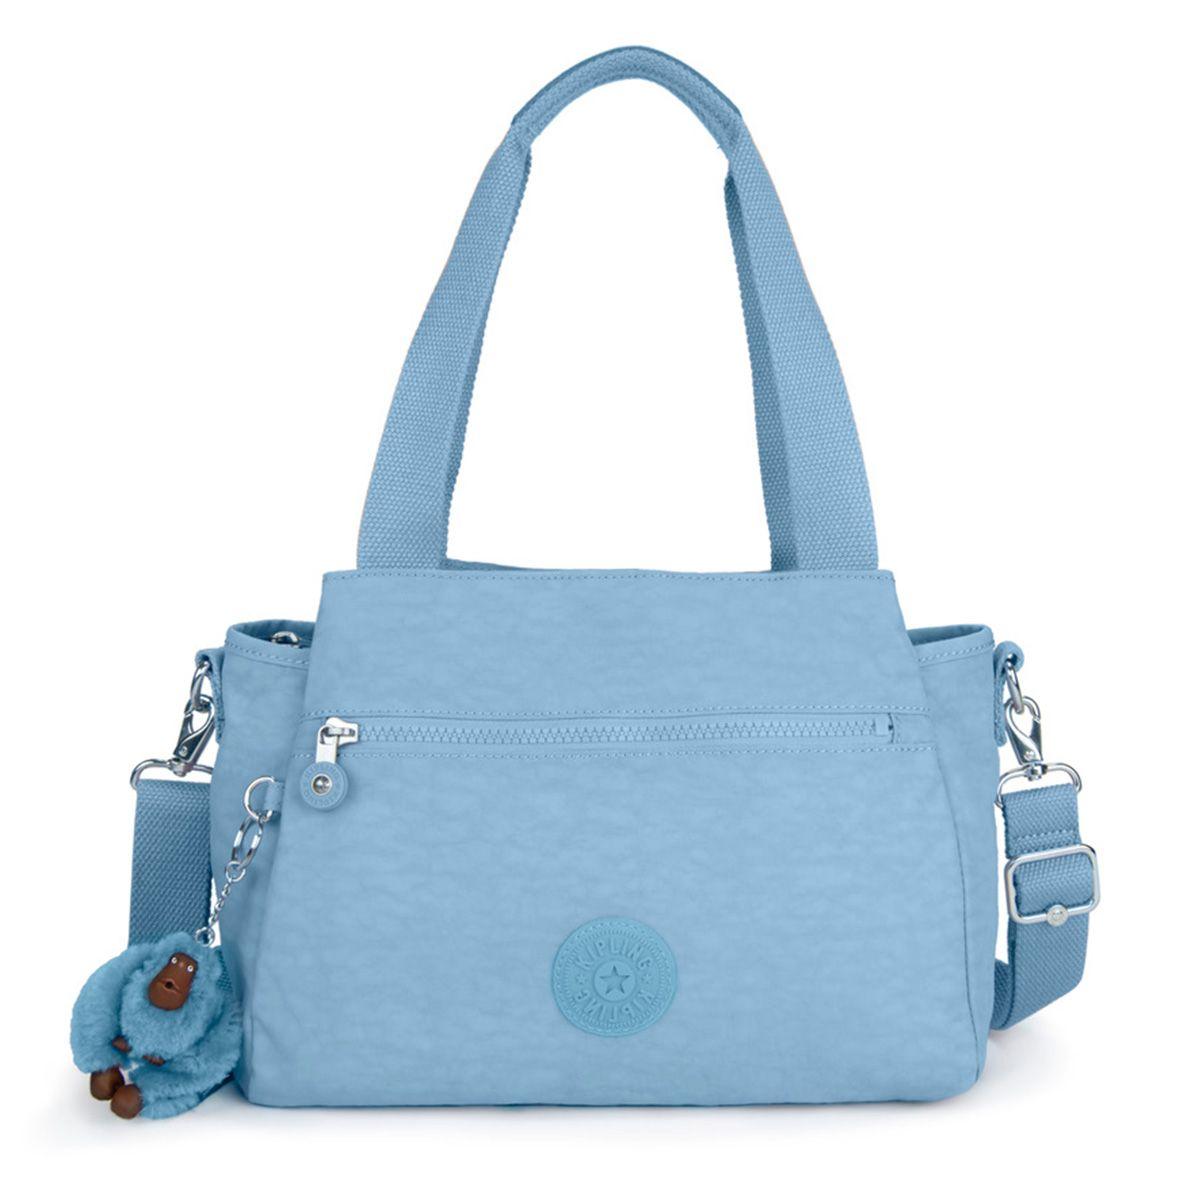 2bae7b168b Kipling Handbags